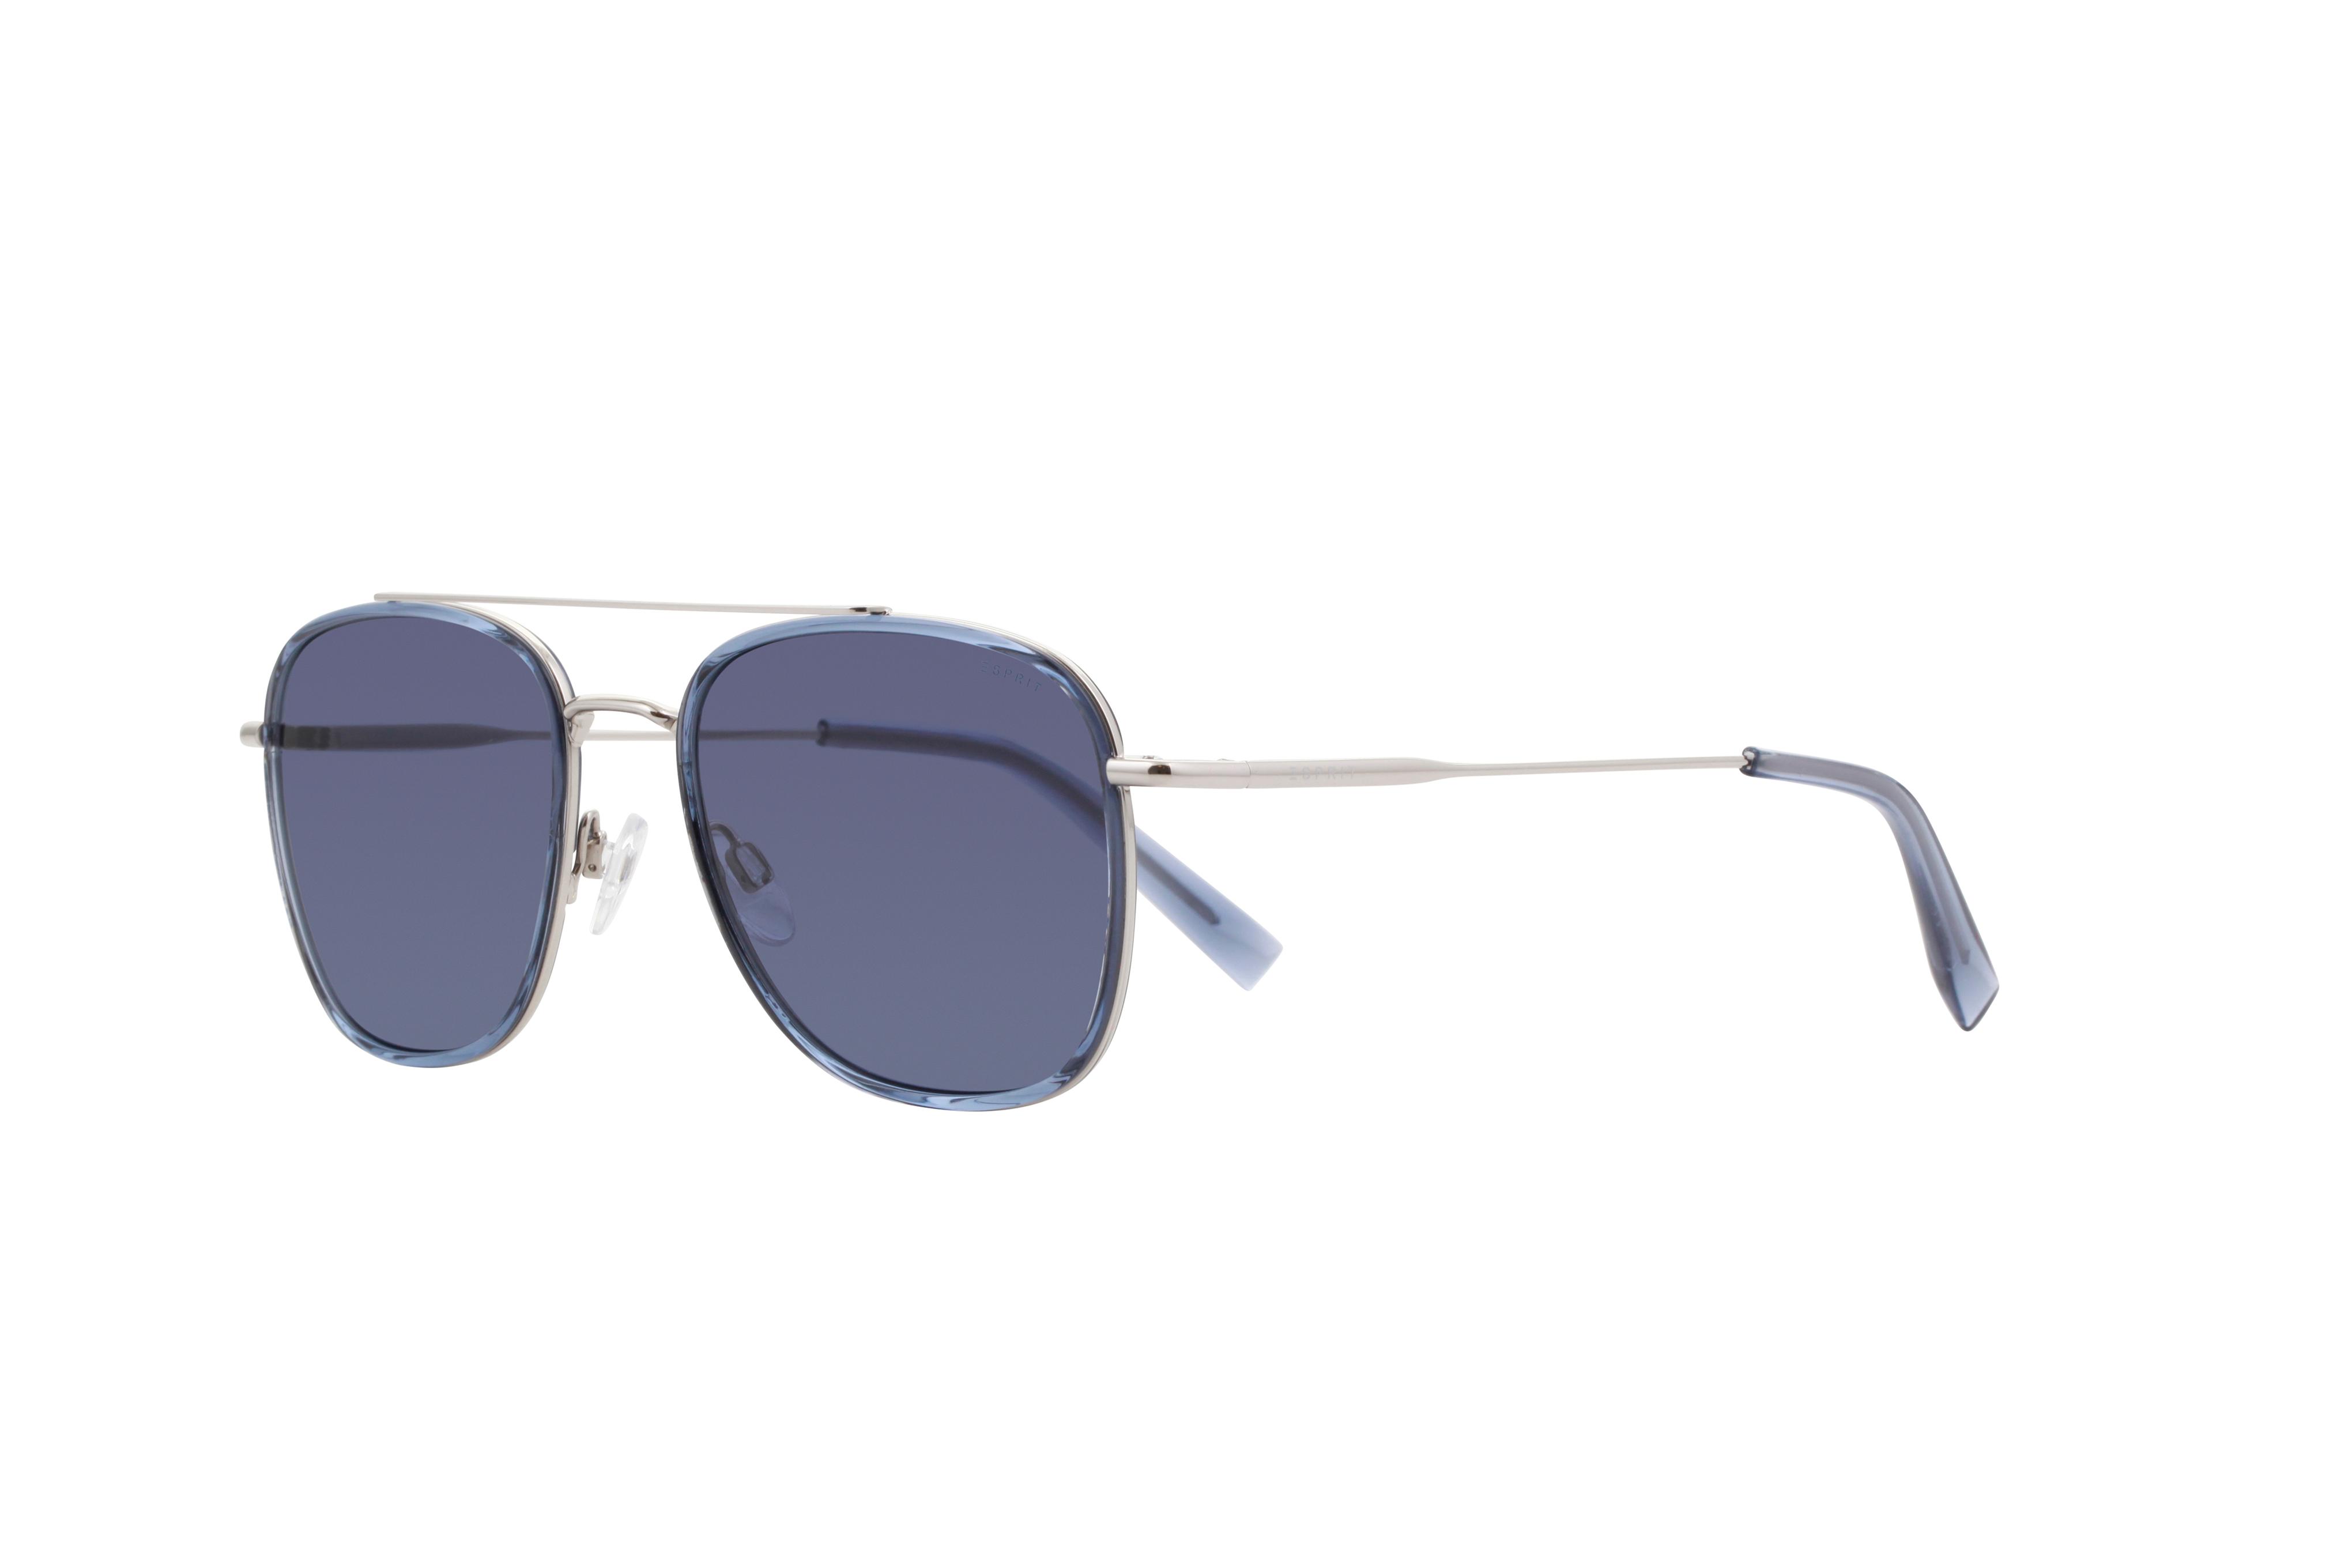 Angle_Left01 Esprit Esprit 17992 543 54/19 Blauw, Transparant/Blauw